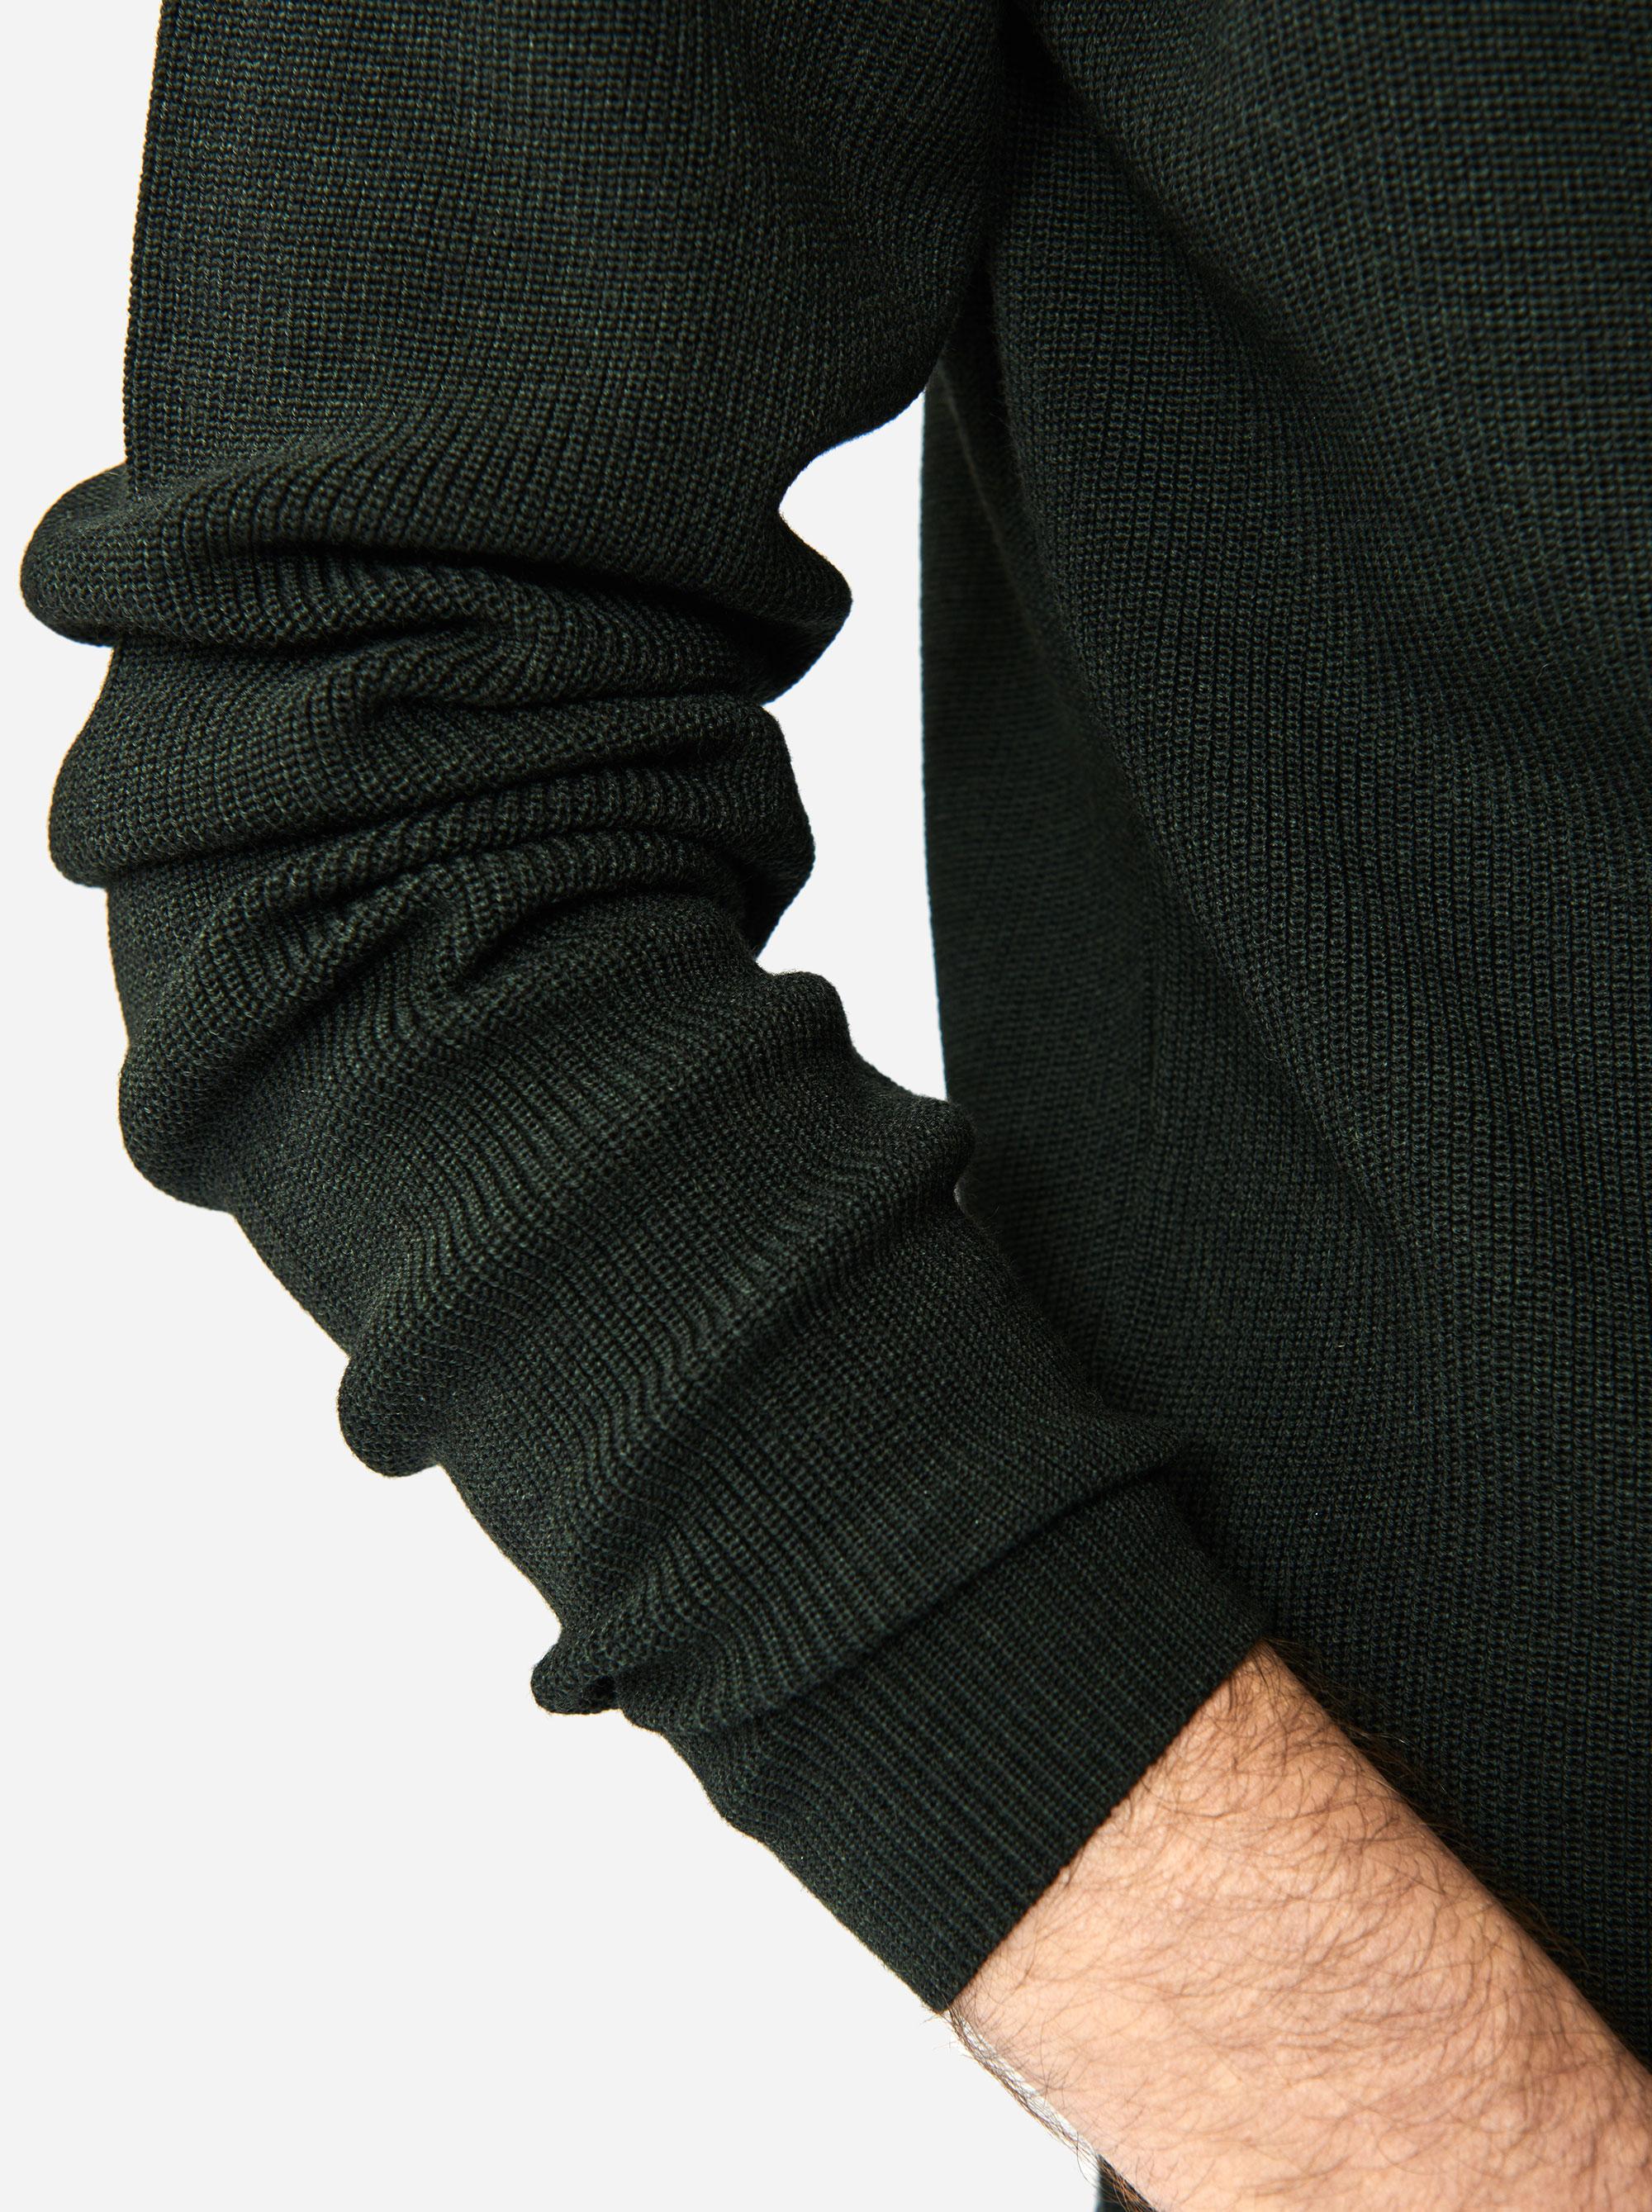 Teym - The Merino Sweater - Men - Green - 2